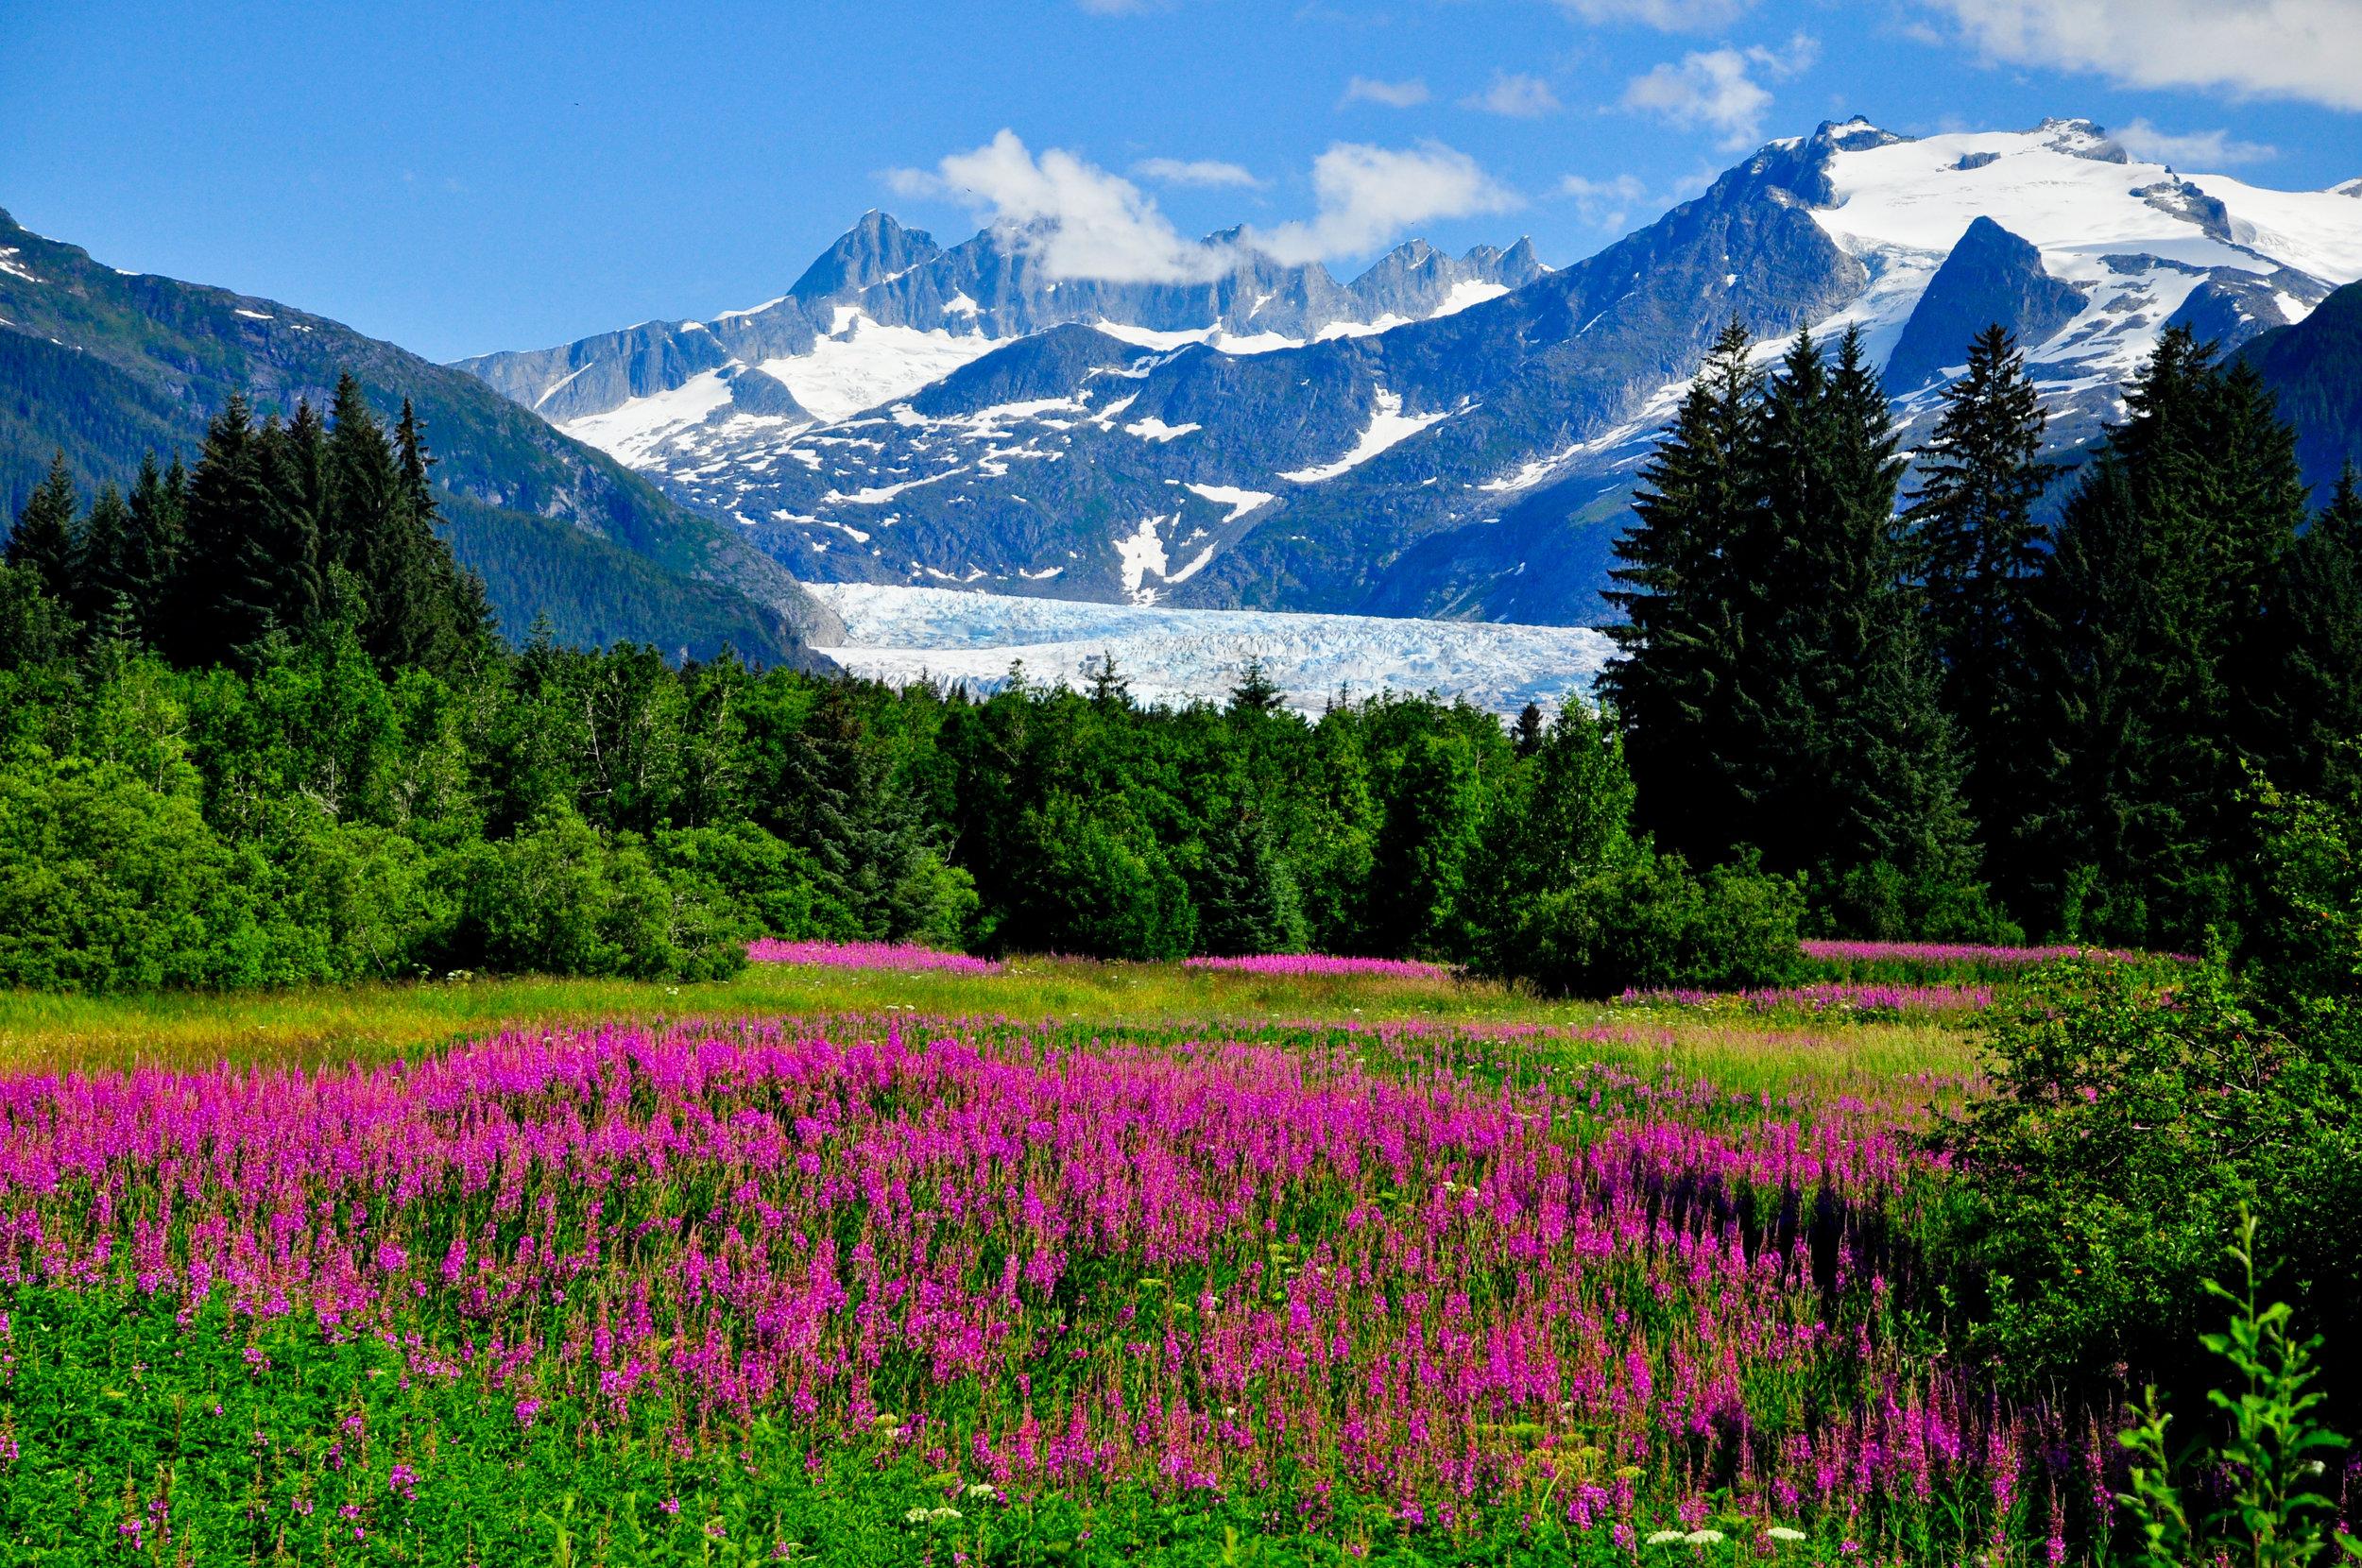 Medenhall Glacier Outlook, Juneau, Alaska